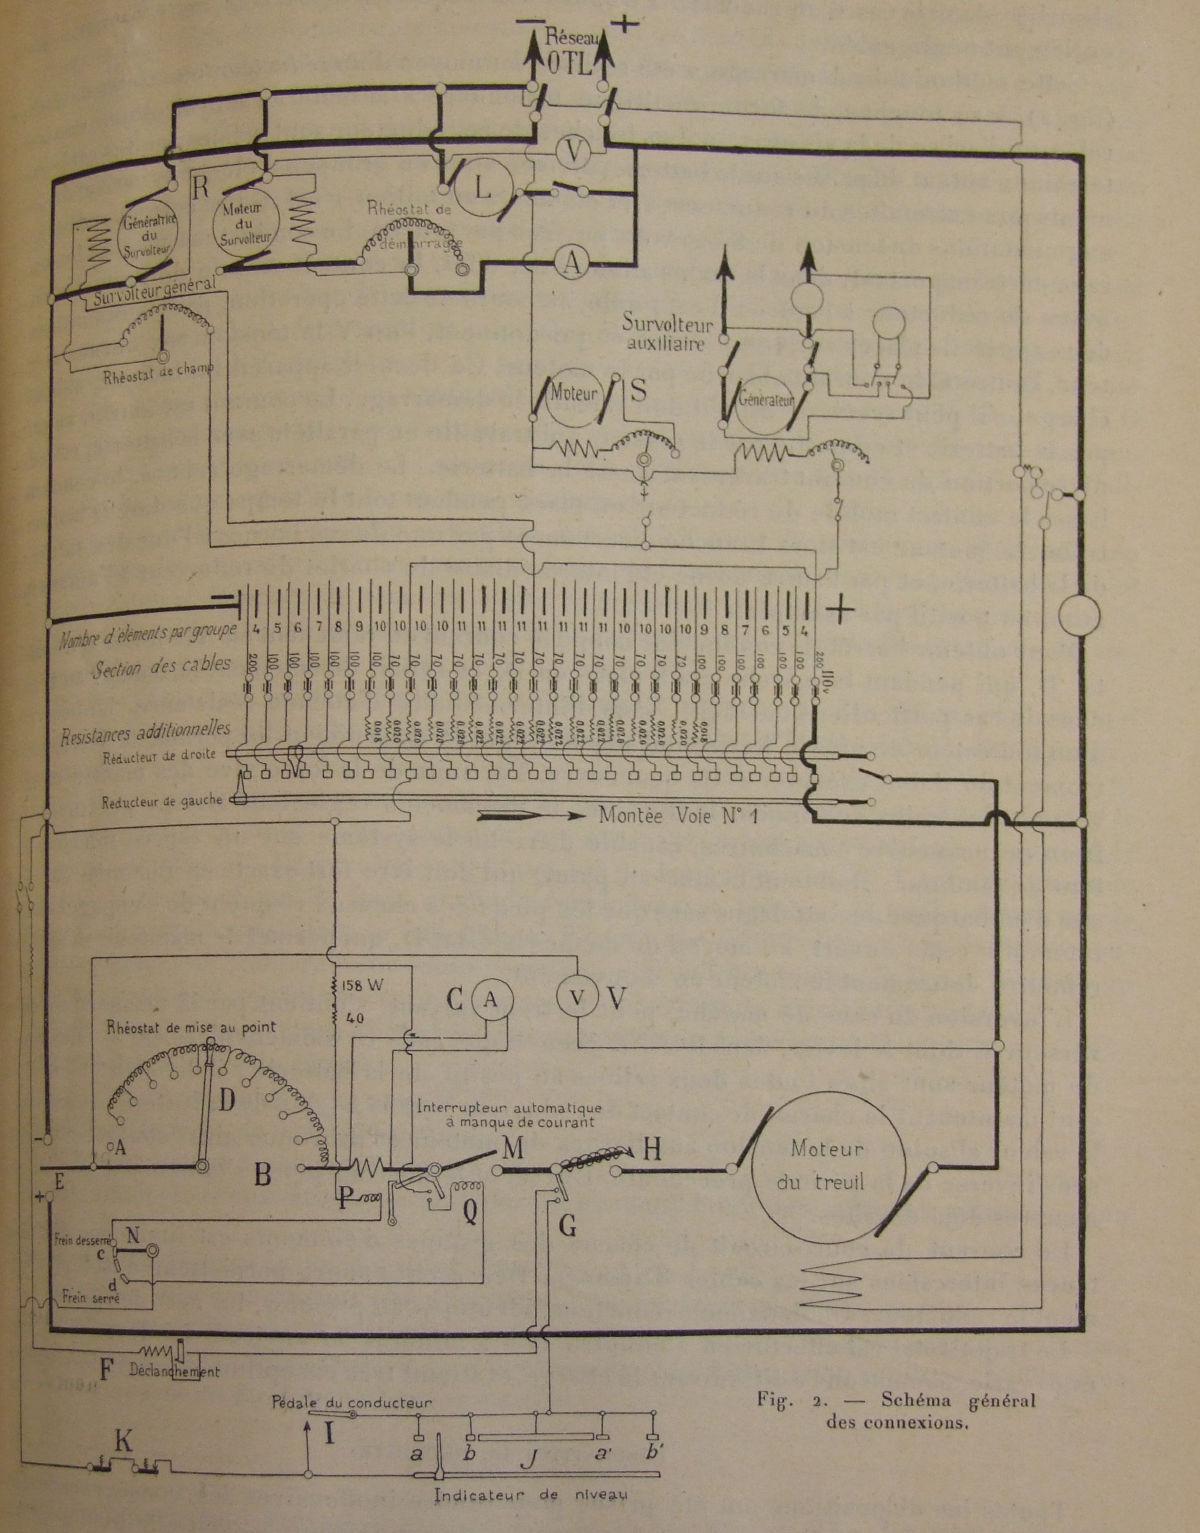 Schema electrique tramway